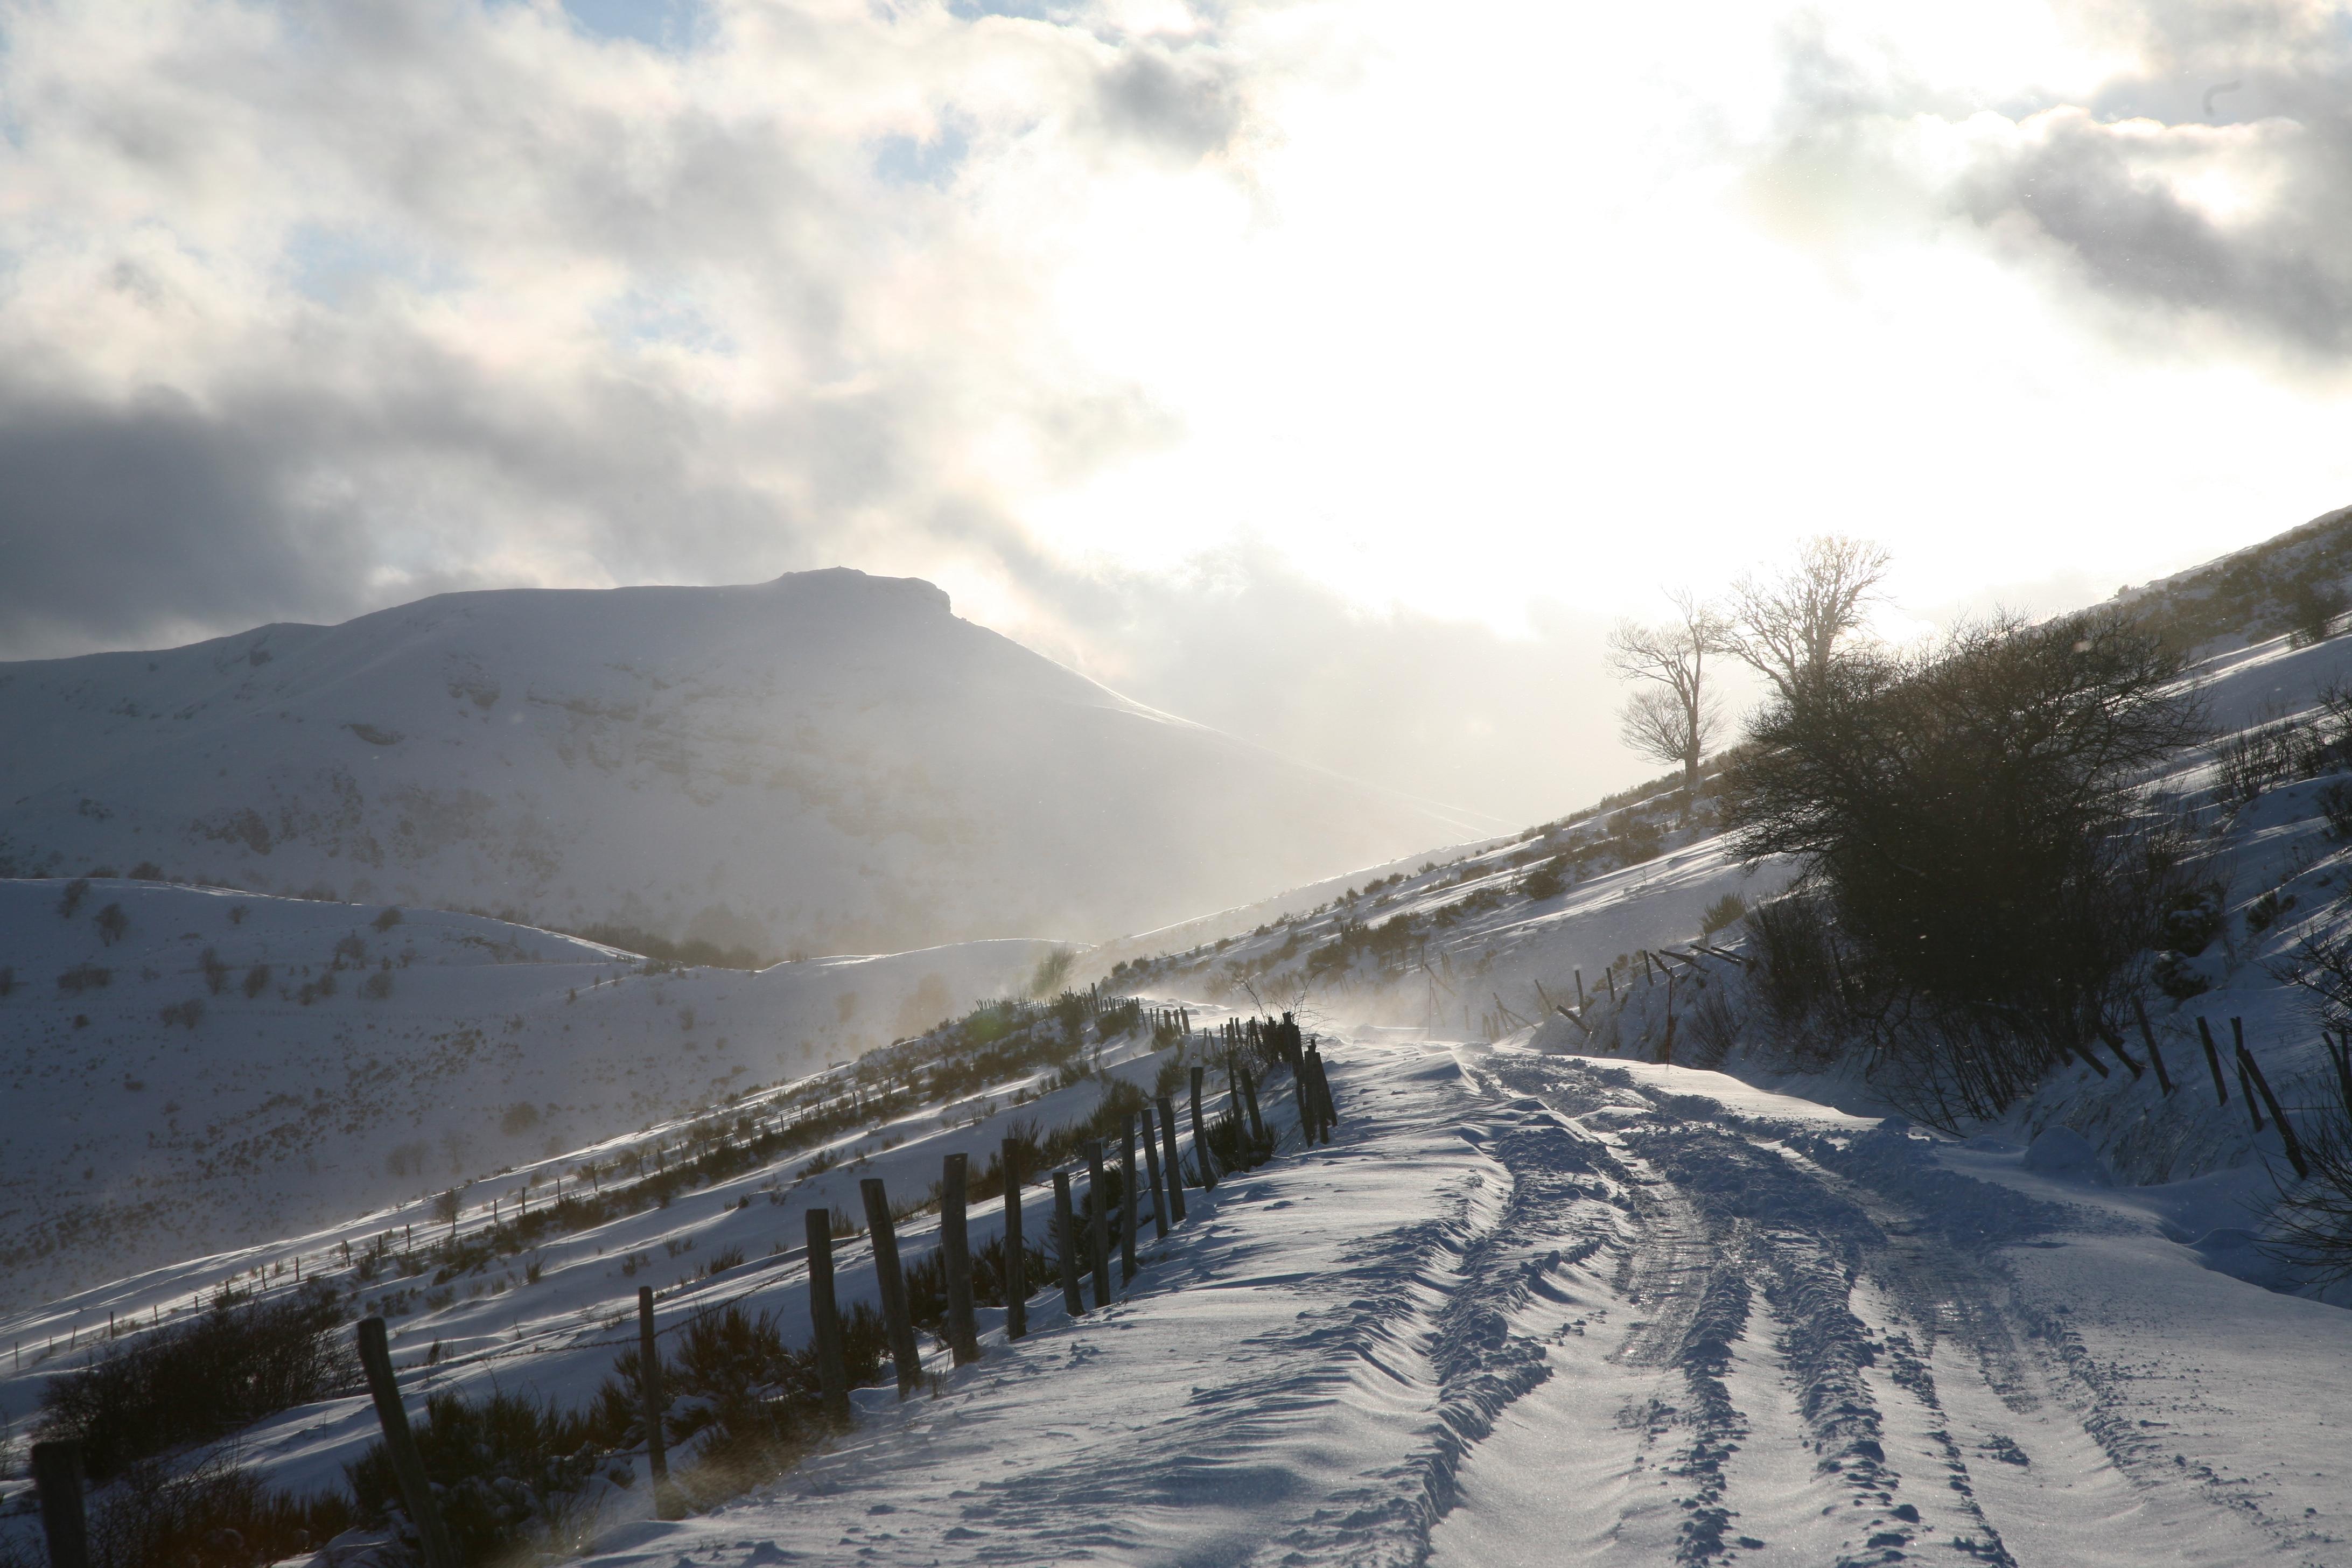 images gratuites paysage montagne neige hiver nuage lumi re du soleil matin colline. Black Bedroom Furniture Sets. Home Design Ideas